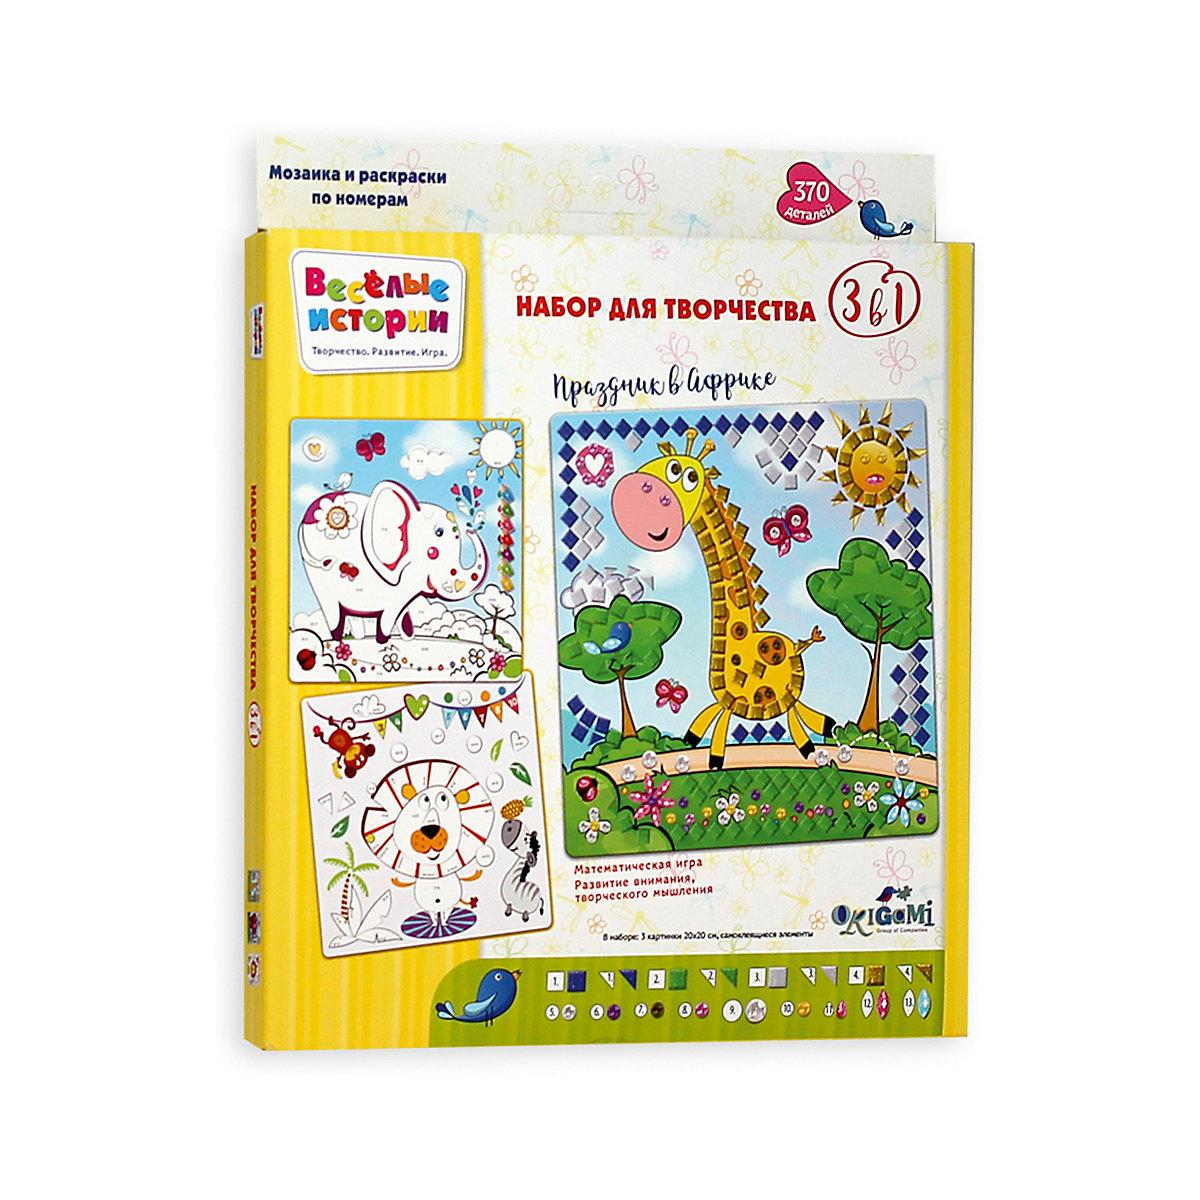 Мозаика и раскраски по номерам 3в1 - Веселые истории. Праздник в Африке по цене 256